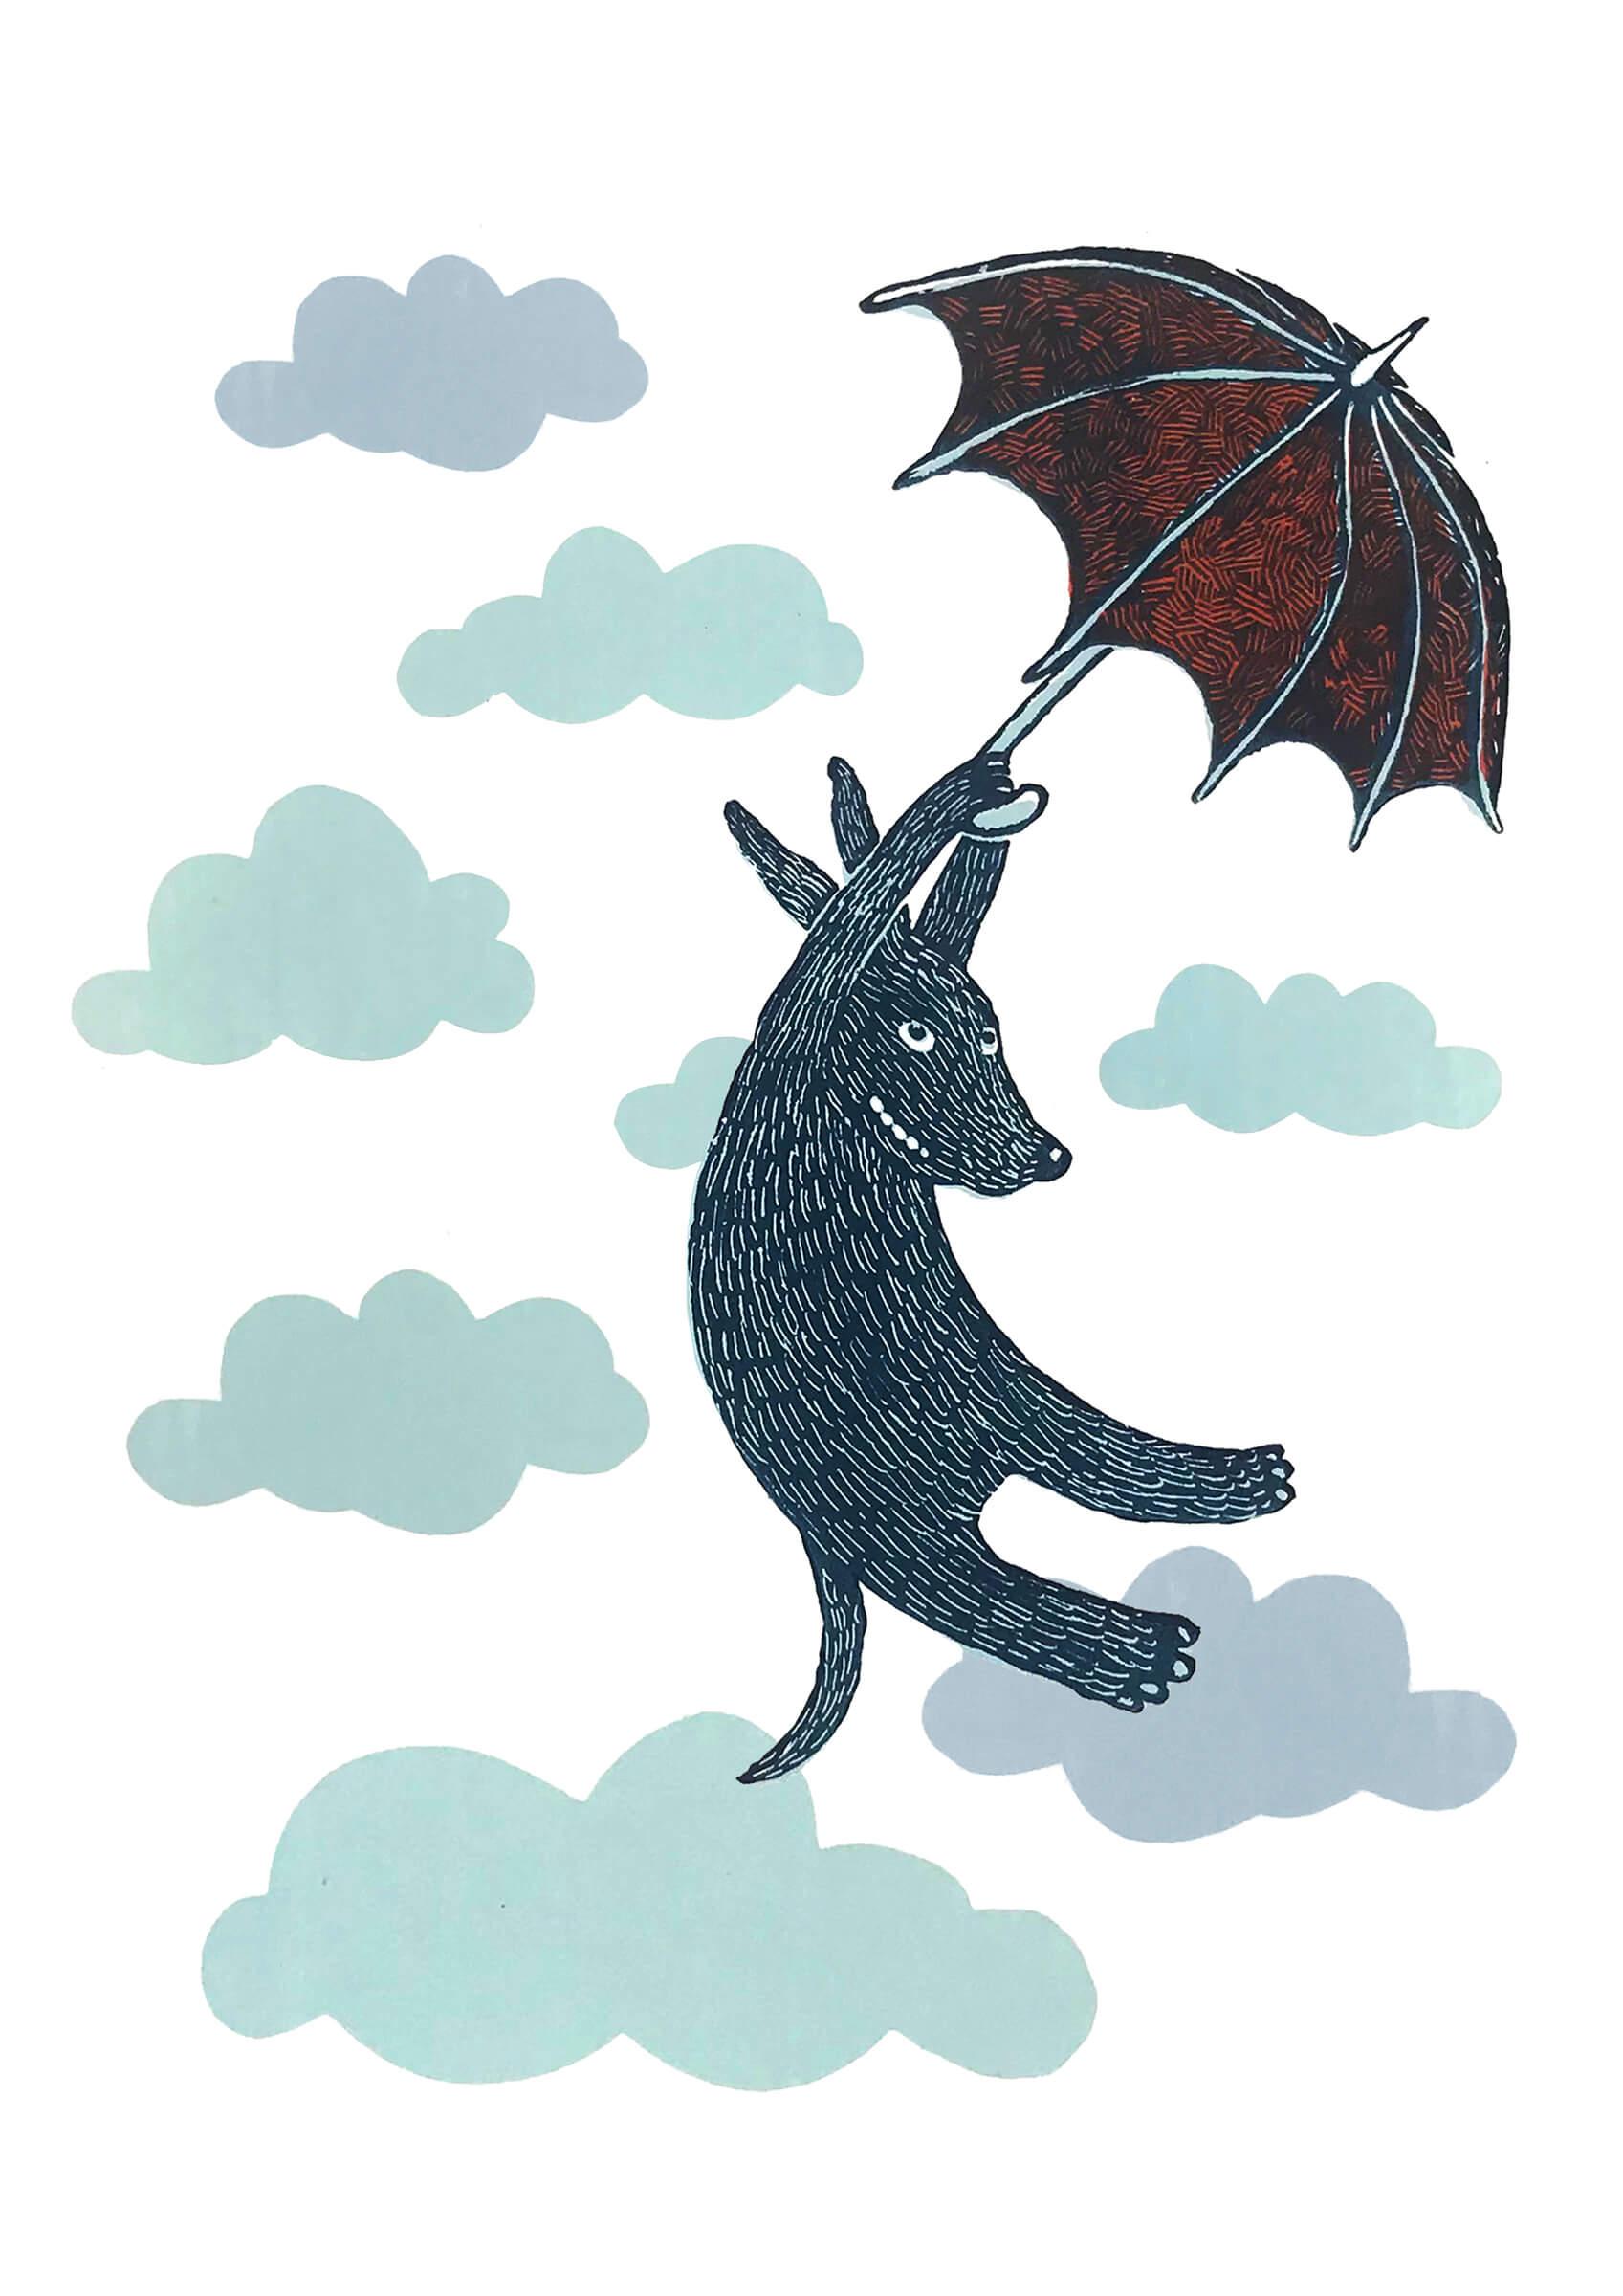 Siebdruck: Regenschirmhund